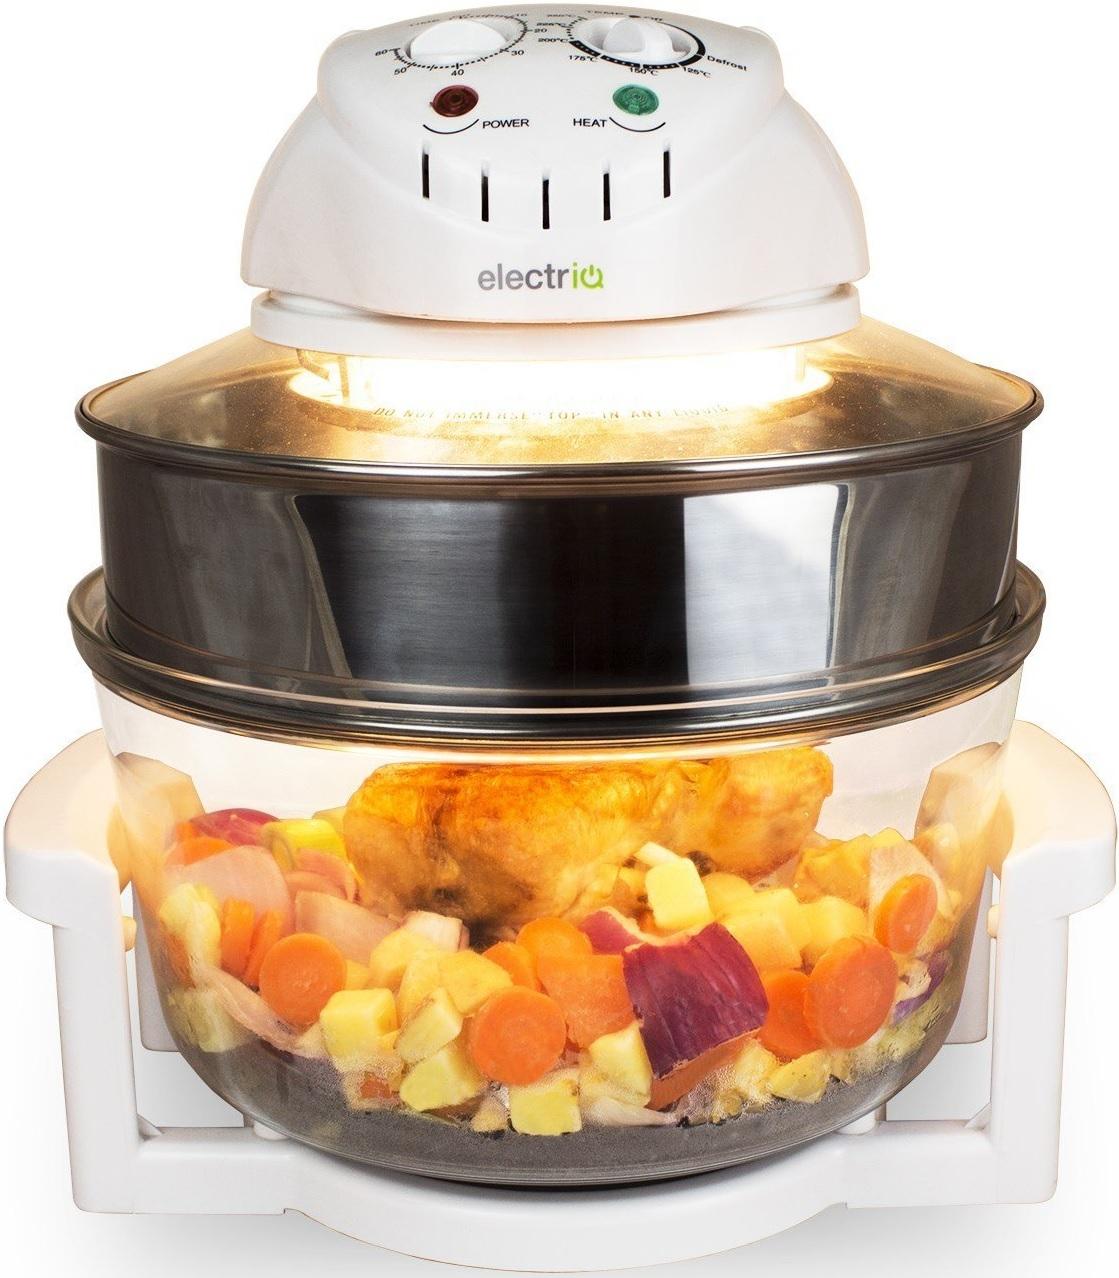 Electriq premium hal geno horno cocina con extensor anillo for Halogenos para cocina